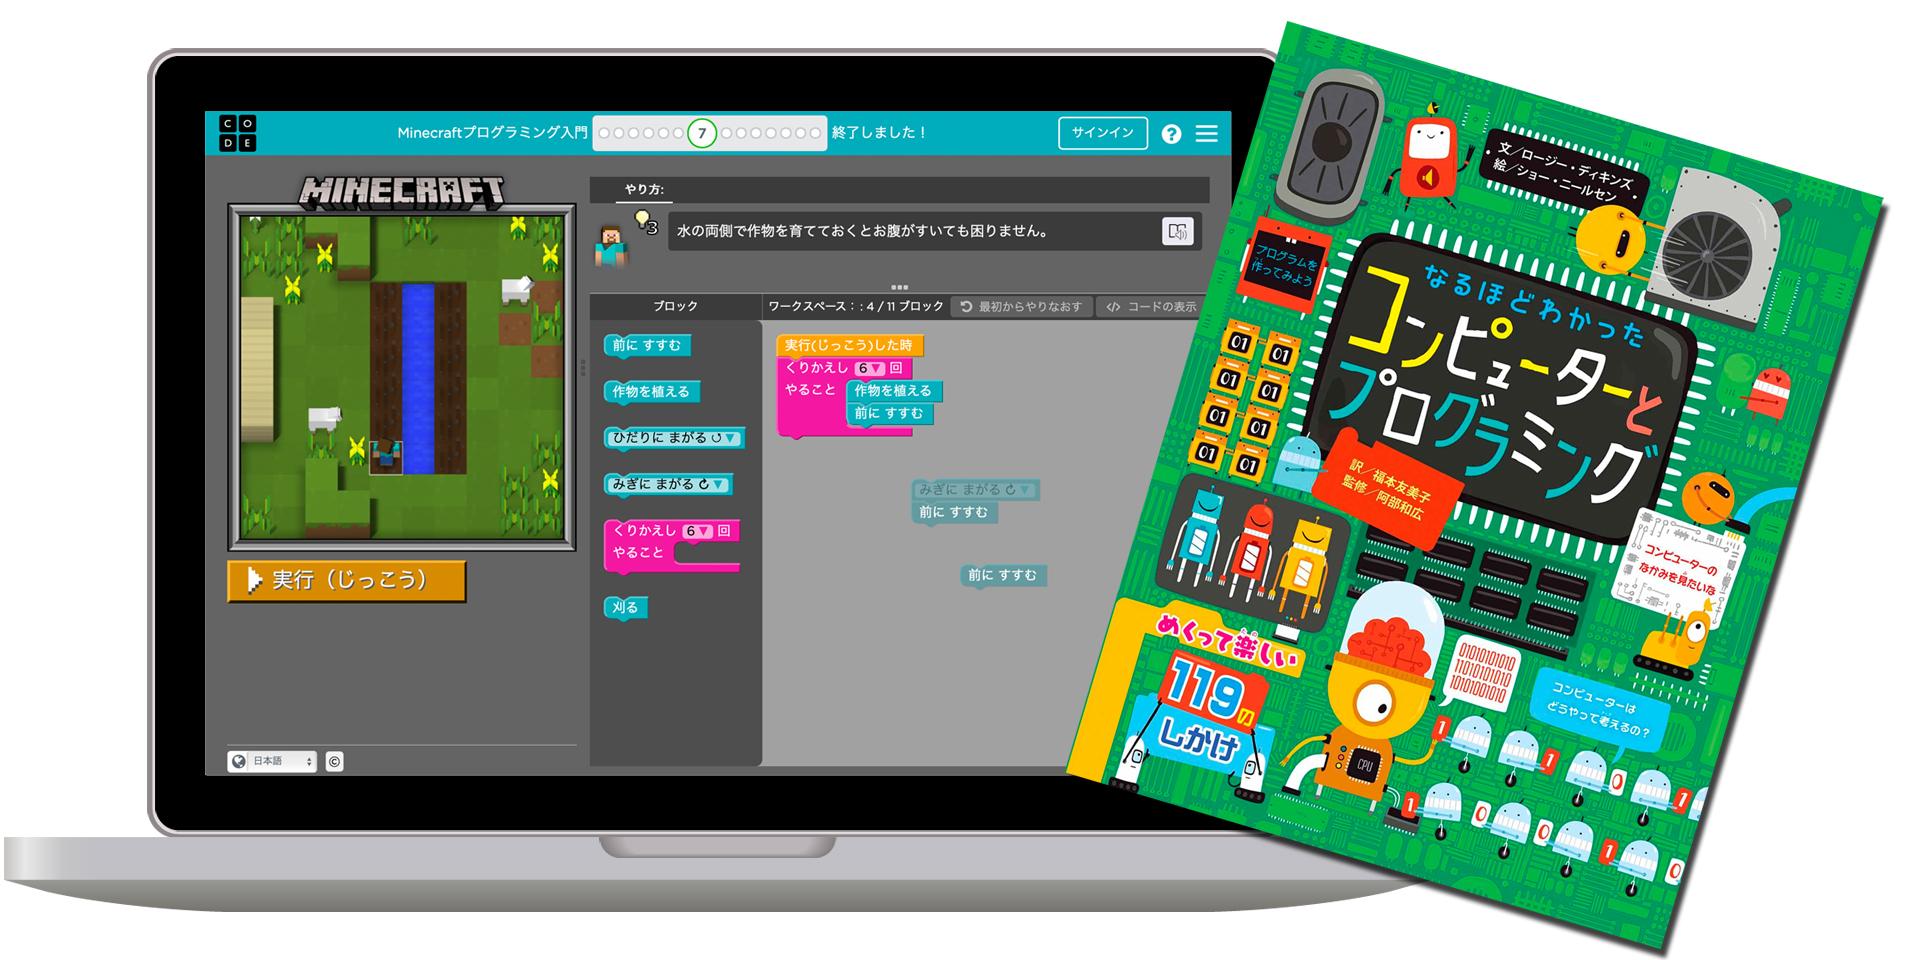 パズル・ゲームプログラミング クラス